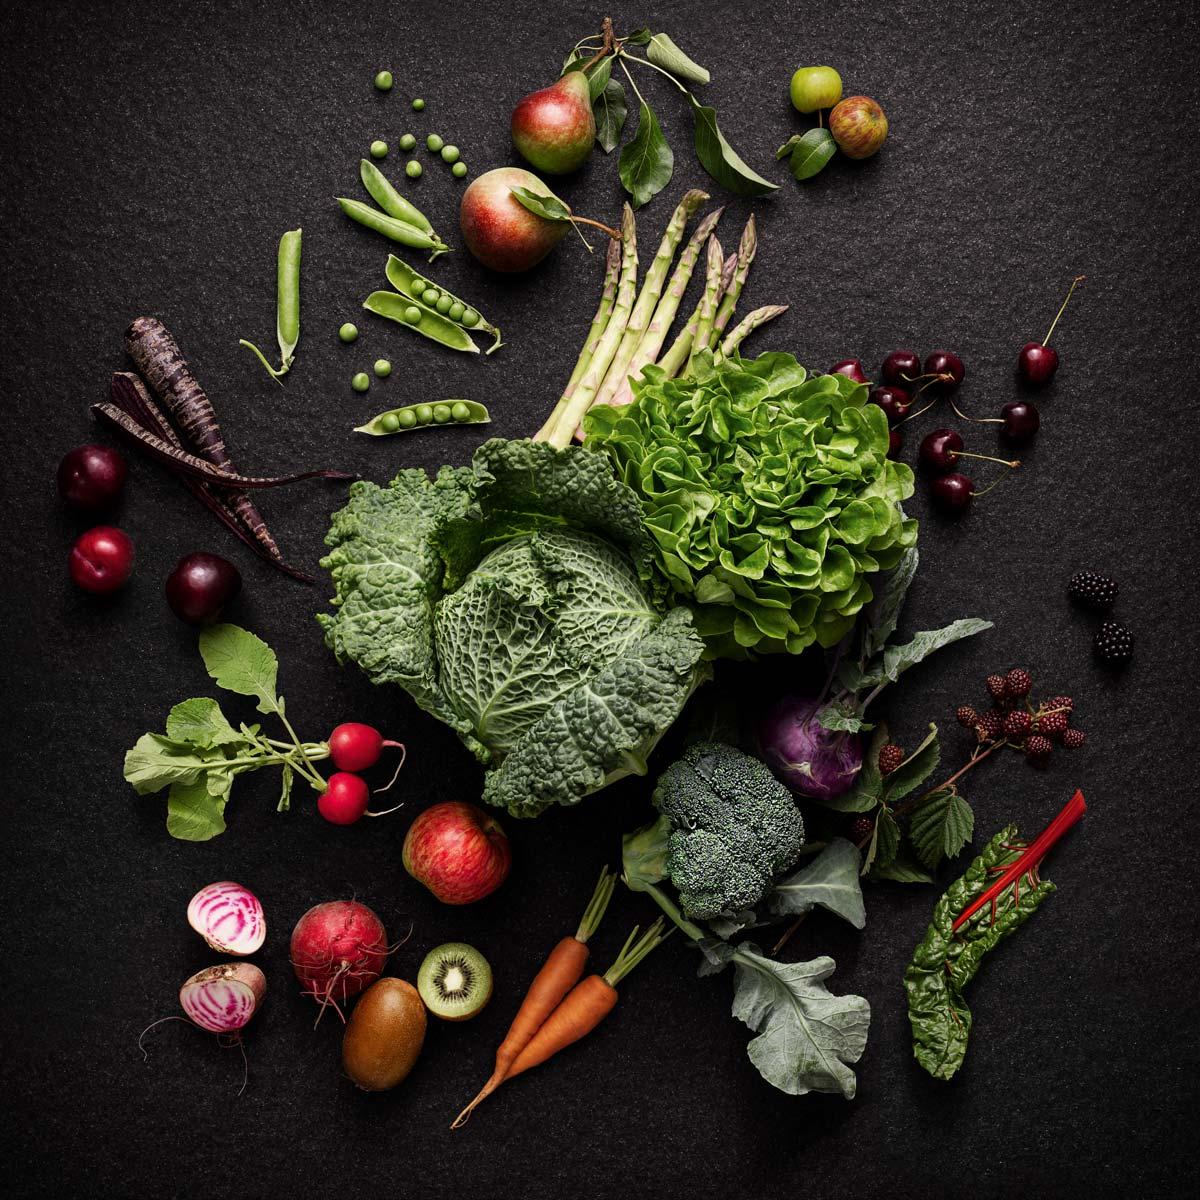 Lebensmittel bleiben länger frisch dank BioFresh